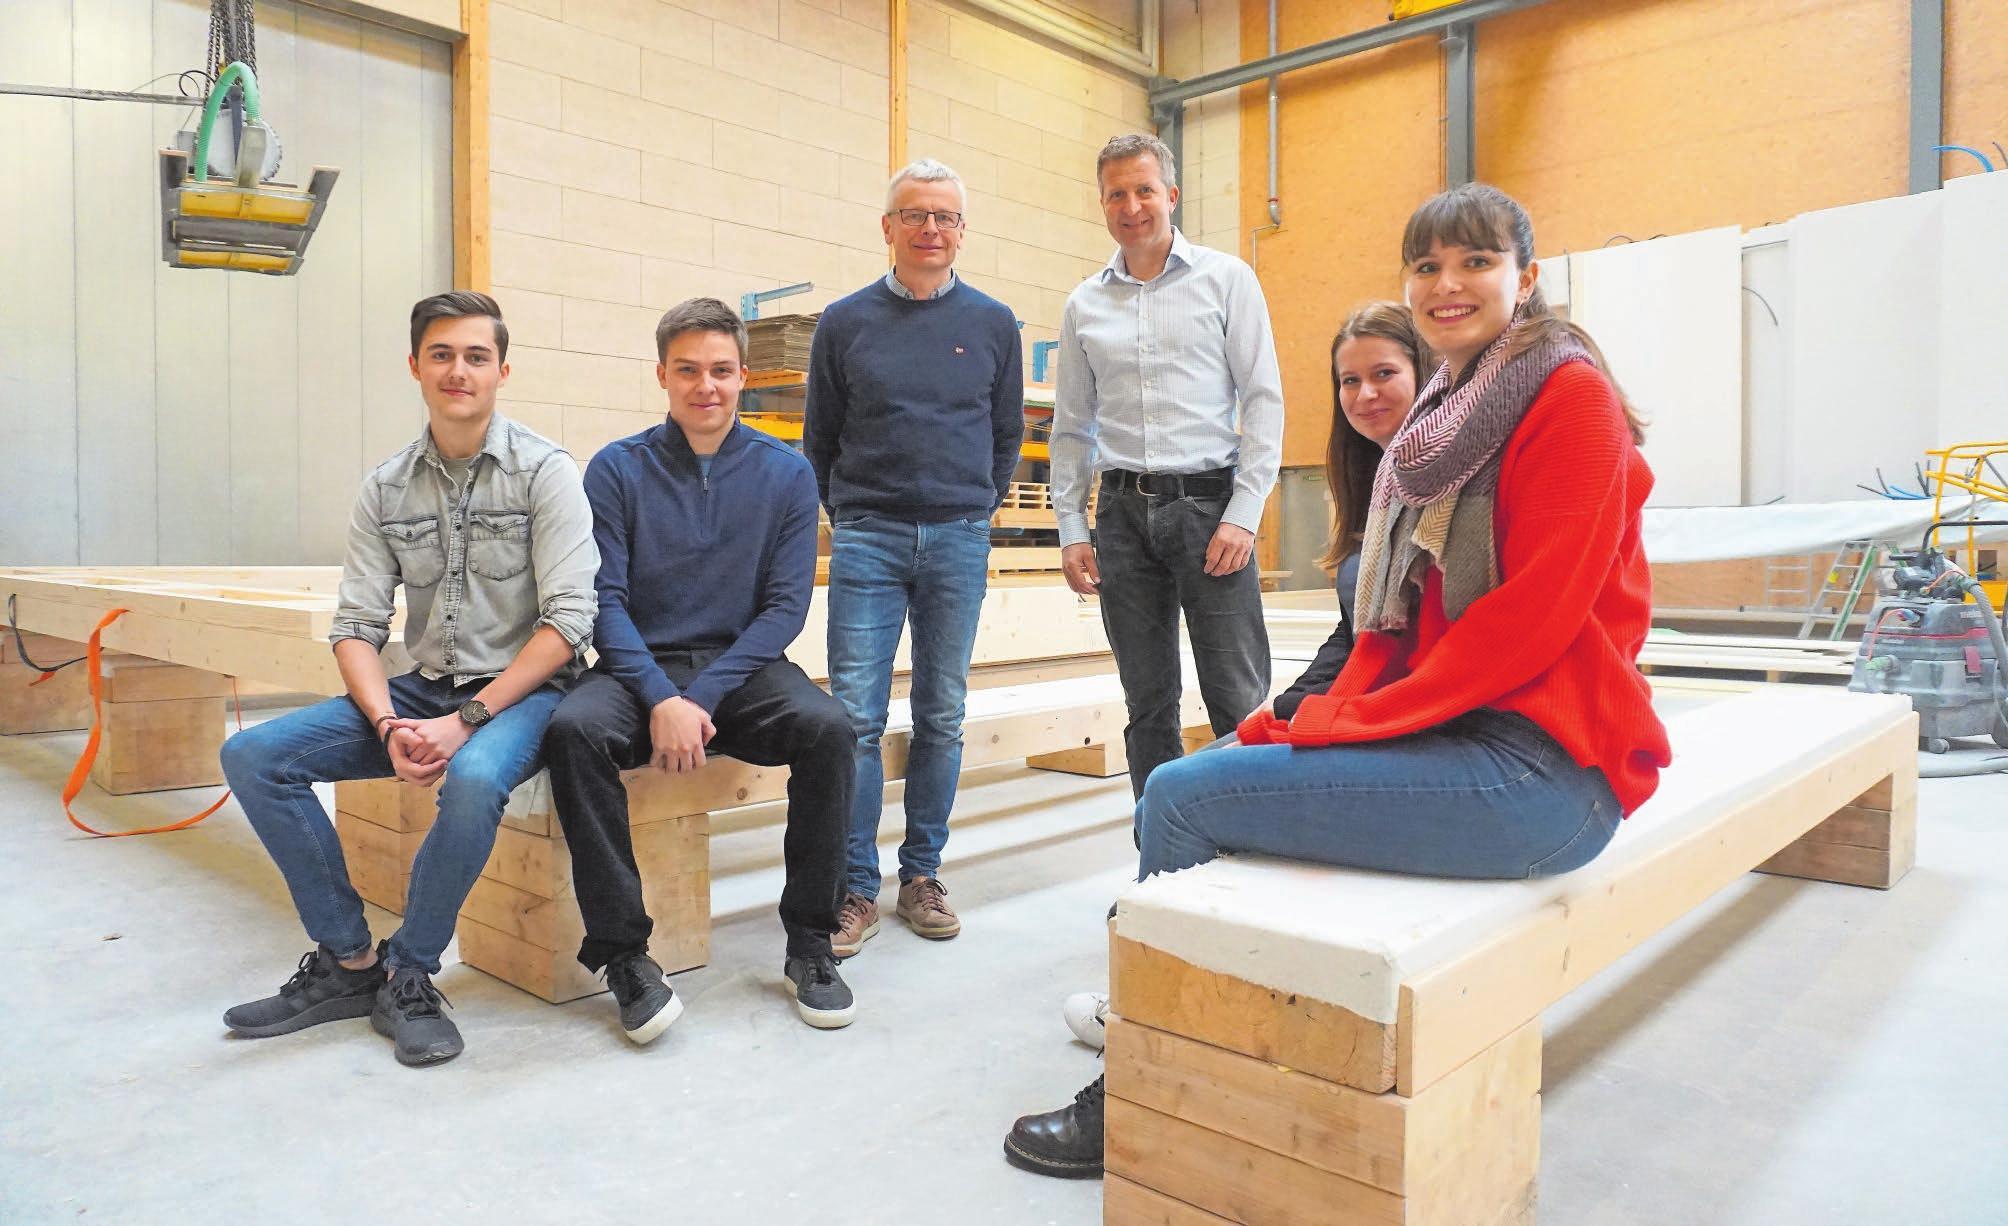 Sind gemeinsam an einer Projektarbeit (von links): Tim Busslinger, Patrick Kühne, Markus Fust (Geschäftsführer der Husner AG Holzbau), Lutz Gommel (Dozent Hochschule für Technik FHNW), Michèle Fust und Meret Werren. Bild: Luc Müller